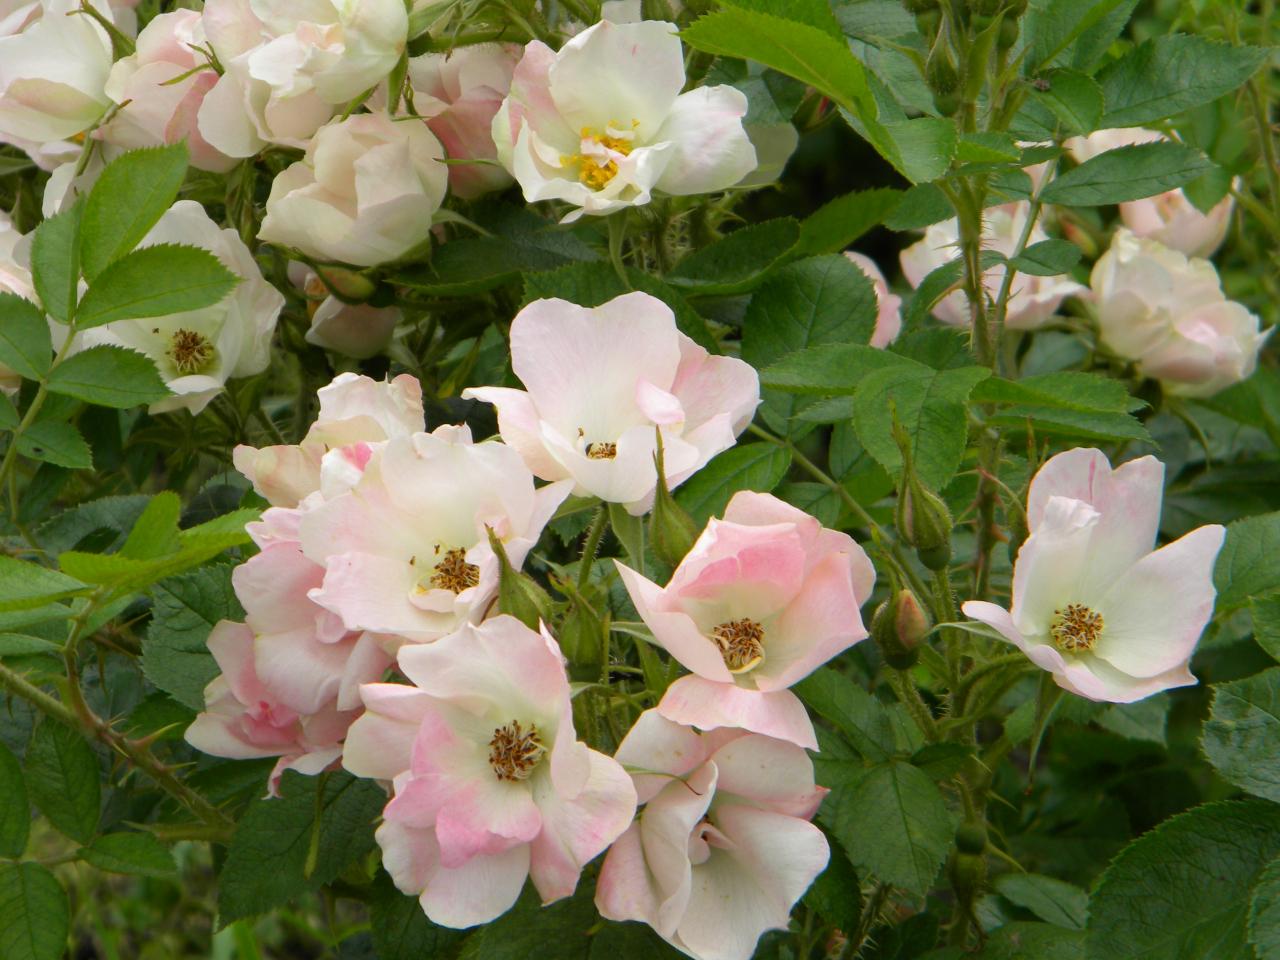 Ābeļzieds. Krokainās rozes Rosa rugosa šķirne, izveidota 1968. gadā, autori – Dzidra Rieksta un Ilmārs Riekstiņš. Eiropā joprojām iecienītākā un pieprasītākā. Krūms piramidāli izplests, līdz 1,5 m augsts. Īpašais: ziedi sakārtoti lielās ziedkopās pa 5–15 un pat pa 25 ziediem vienkopus. Sāk ziedēt jūnijā pirmajā pusē un zied līdz salam. Ļoti bargās ziemās viengadīgie dzinumi var nosalt līdz sniega līnijai.